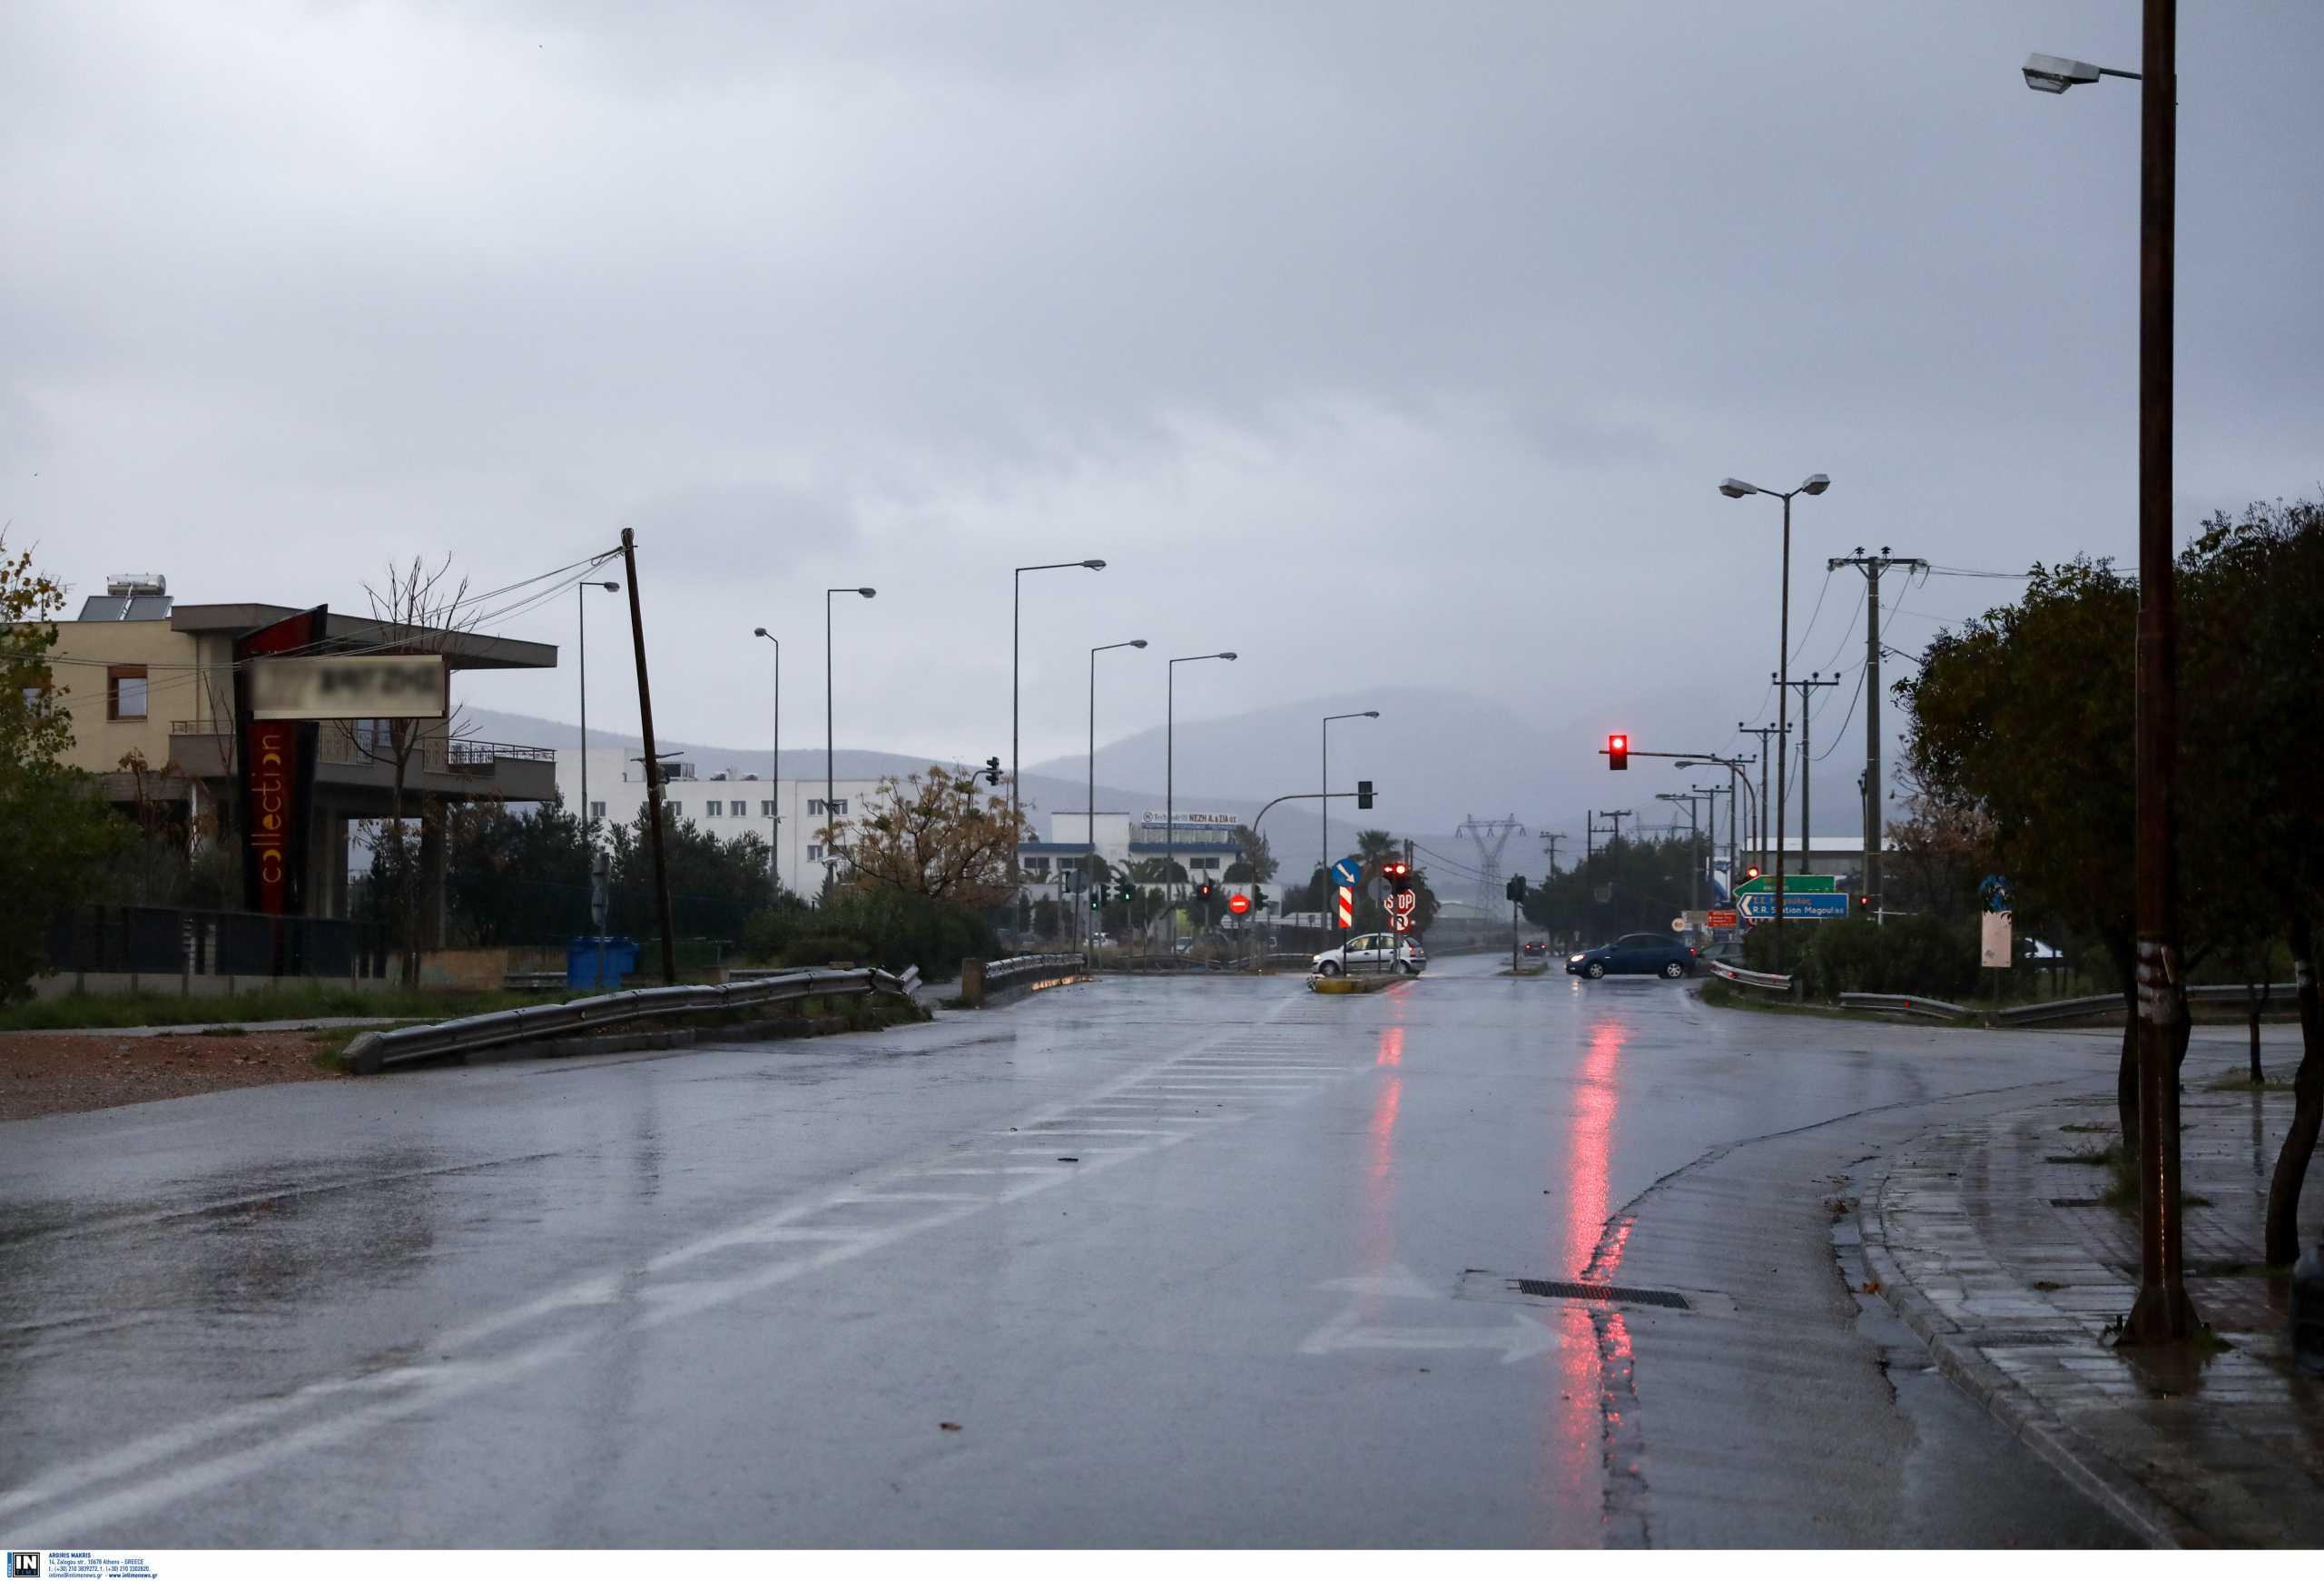 Καιρός αύριο: «Βουρκωμένος» ουρανός με βροχές και καταιγίδες – Αναλυτική πρόγνωση